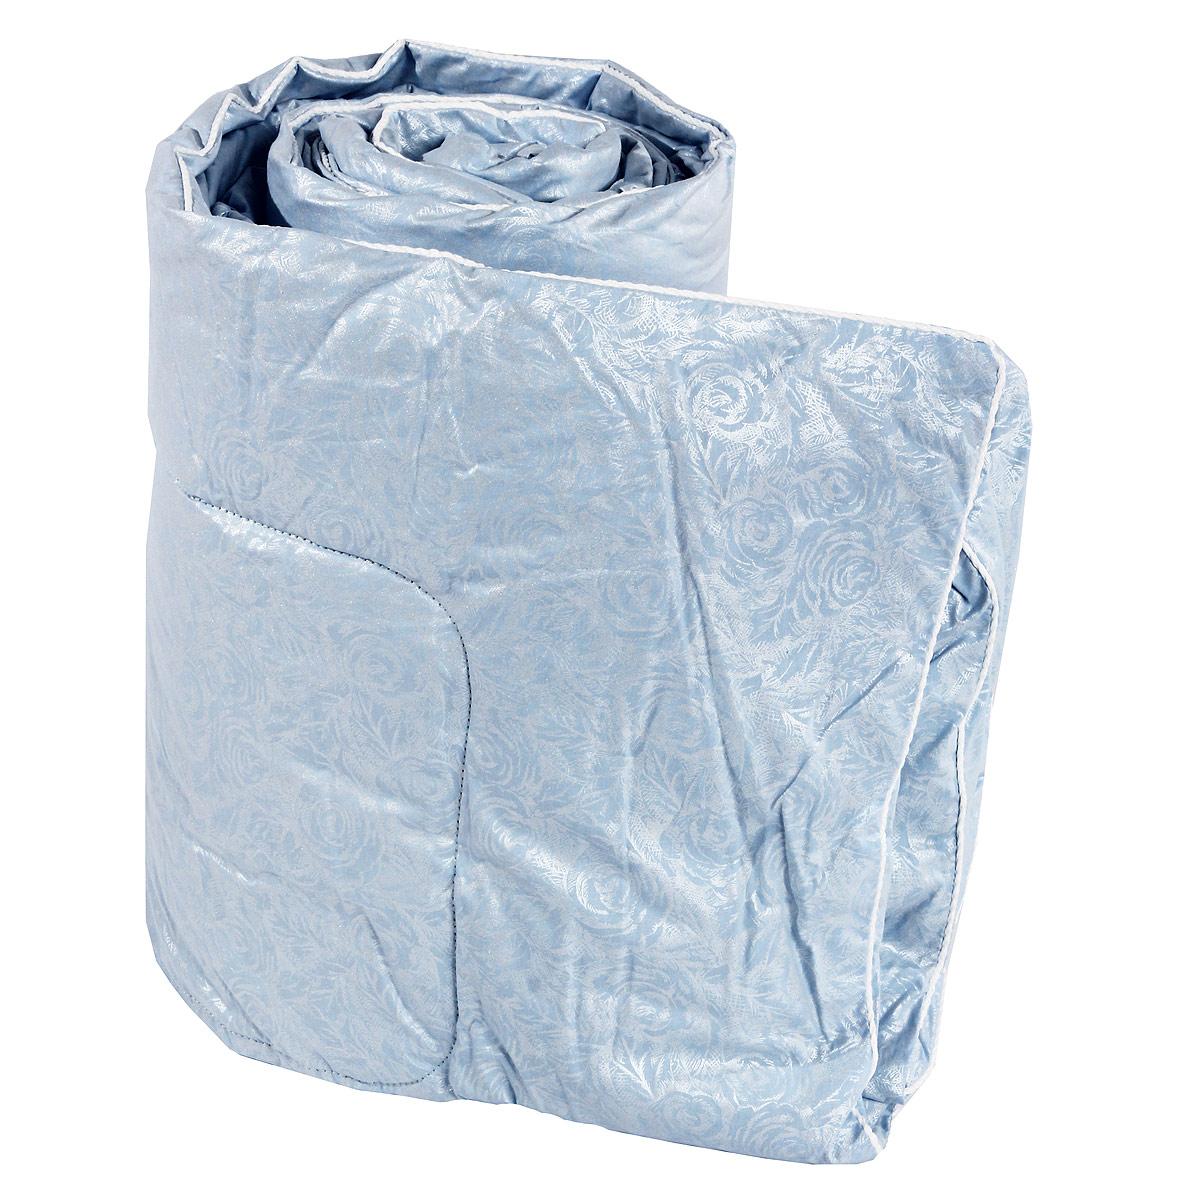 Одеяло Dargez Прима, наполнитель: пух, 172 см х 205 см20340ПОдеяло Dargez Прима представляет собой стеганый чехол из натурального хлопка с пуховым наполнителем. Особенности одеяла Dargez Прима: натуральное и экологически чистое; обладает легкостью и уникальными теплозащитными свойствами; создает оптимальный температурный режим; обладает высокой гигроскопичностью: хорошо впитывает и испаряет влагу; имеет высокою воздухопроницаемостью: позволяет телу дышать; обладает мягкостью и объемом. Одеяло упаковано в прозрачный пластиковый чехол на молнии с ручкой, что является чрезвычайно удобным при переноске. Характеристики: Материал чехла: 100% хлопок (перкаль). Наполнитель: пух первой категории. Размер: 172 см х 205 см. Масса наполнителя: 0,7 кг. Артикул: 20340П. Торговый Дом Даргез был образован в 1991 году на базе нескольких компаний, занимавшихся производством и продажей постельных принадлежностей и поставками за рубеж пухоперового сырья. Благодаря...